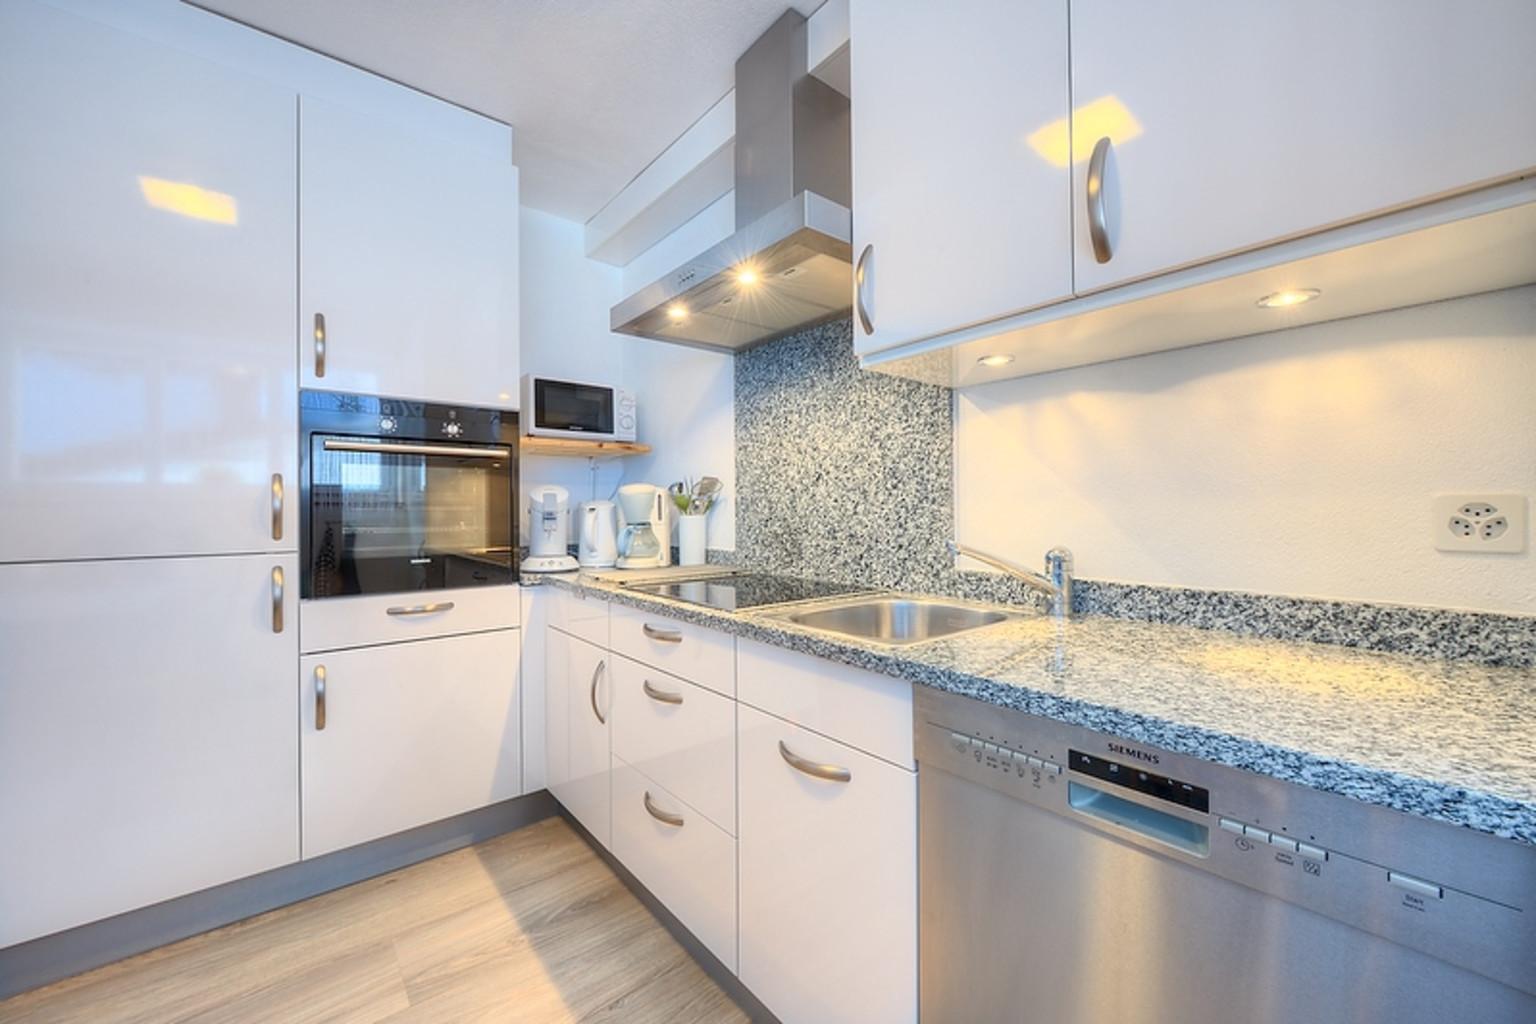 Ungewöhnlich Billige Wege Küchenschränke Wiederholen Ideen ...